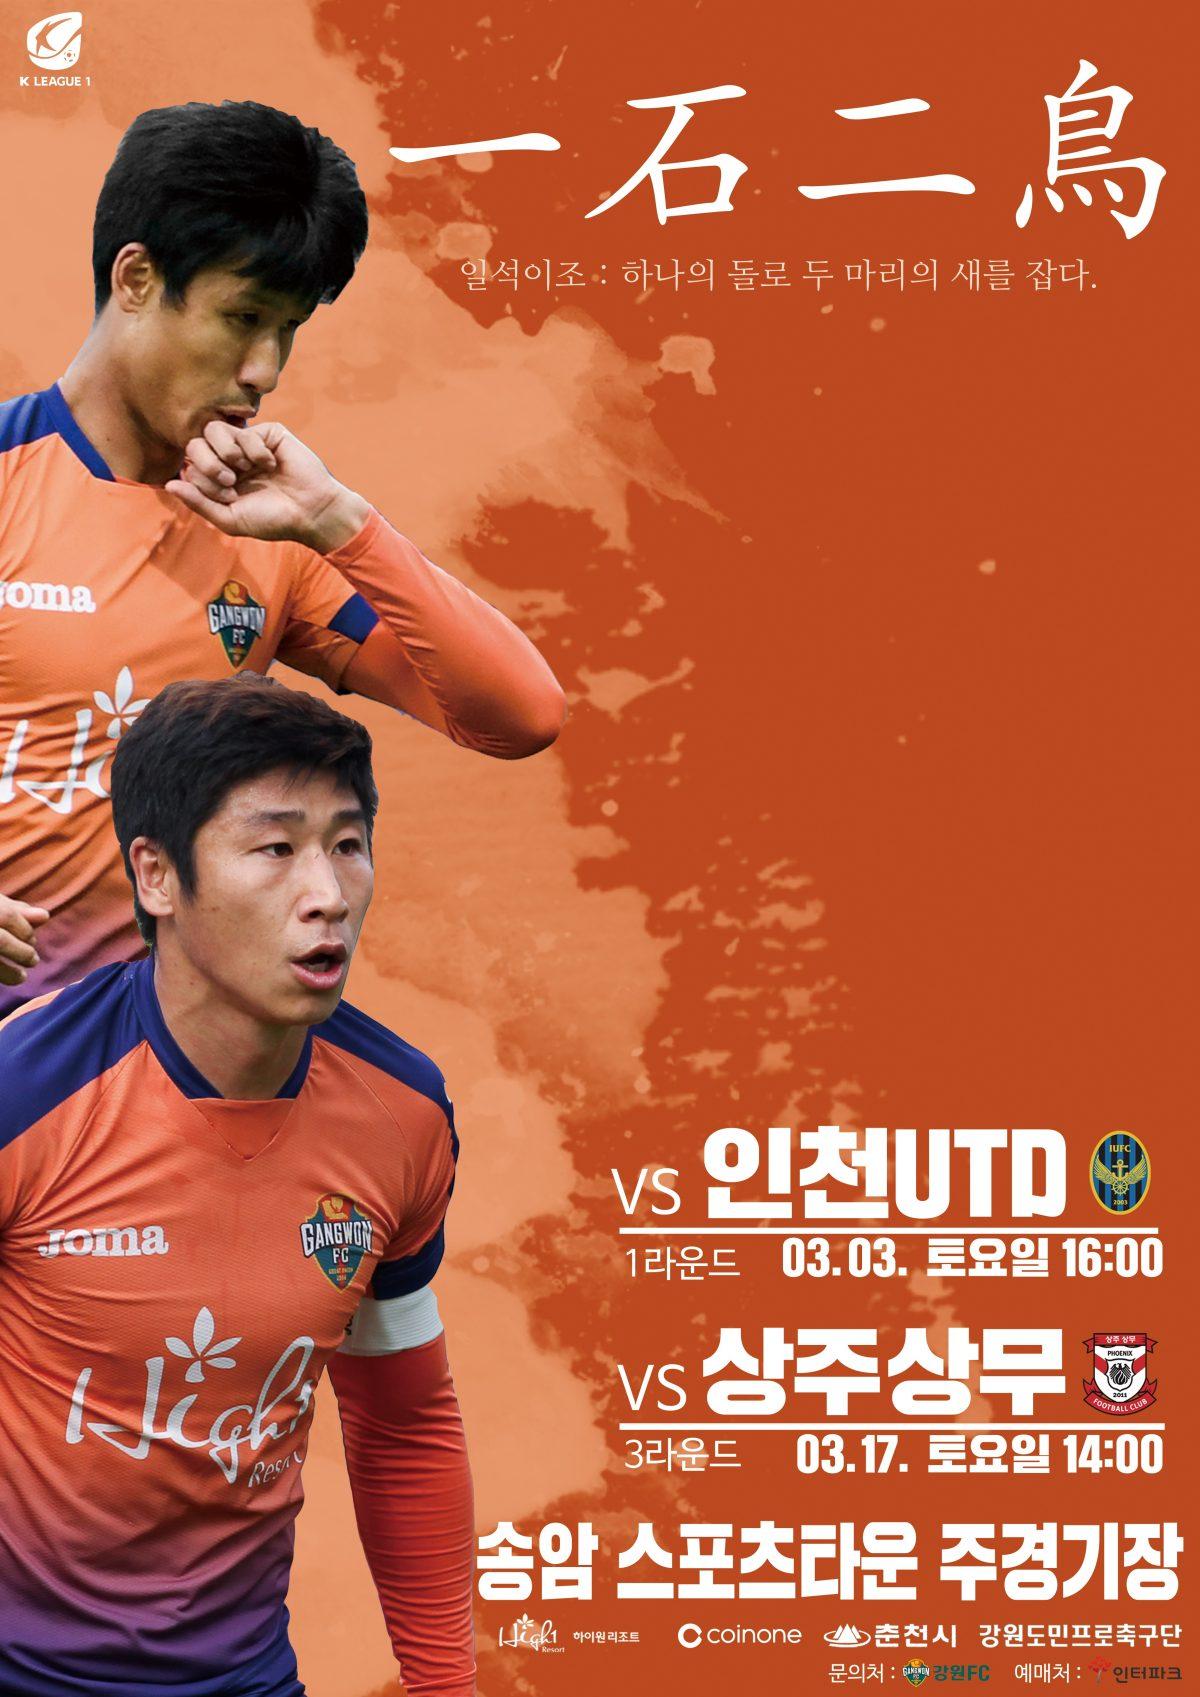 강원FC 2018시즌 홈 개막전 티켓 예매 돌입 'Hurry up!'